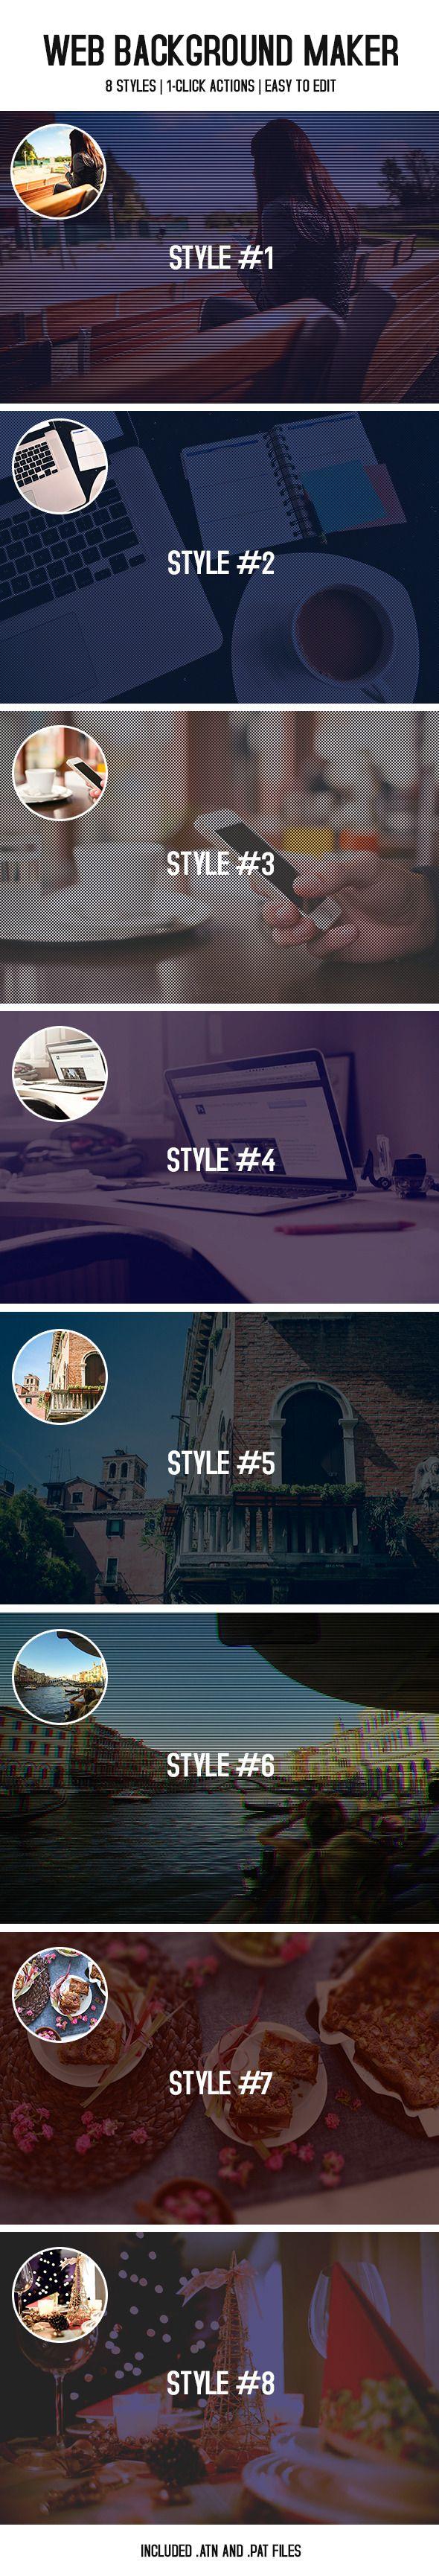 Background image maker - Web Background Maker